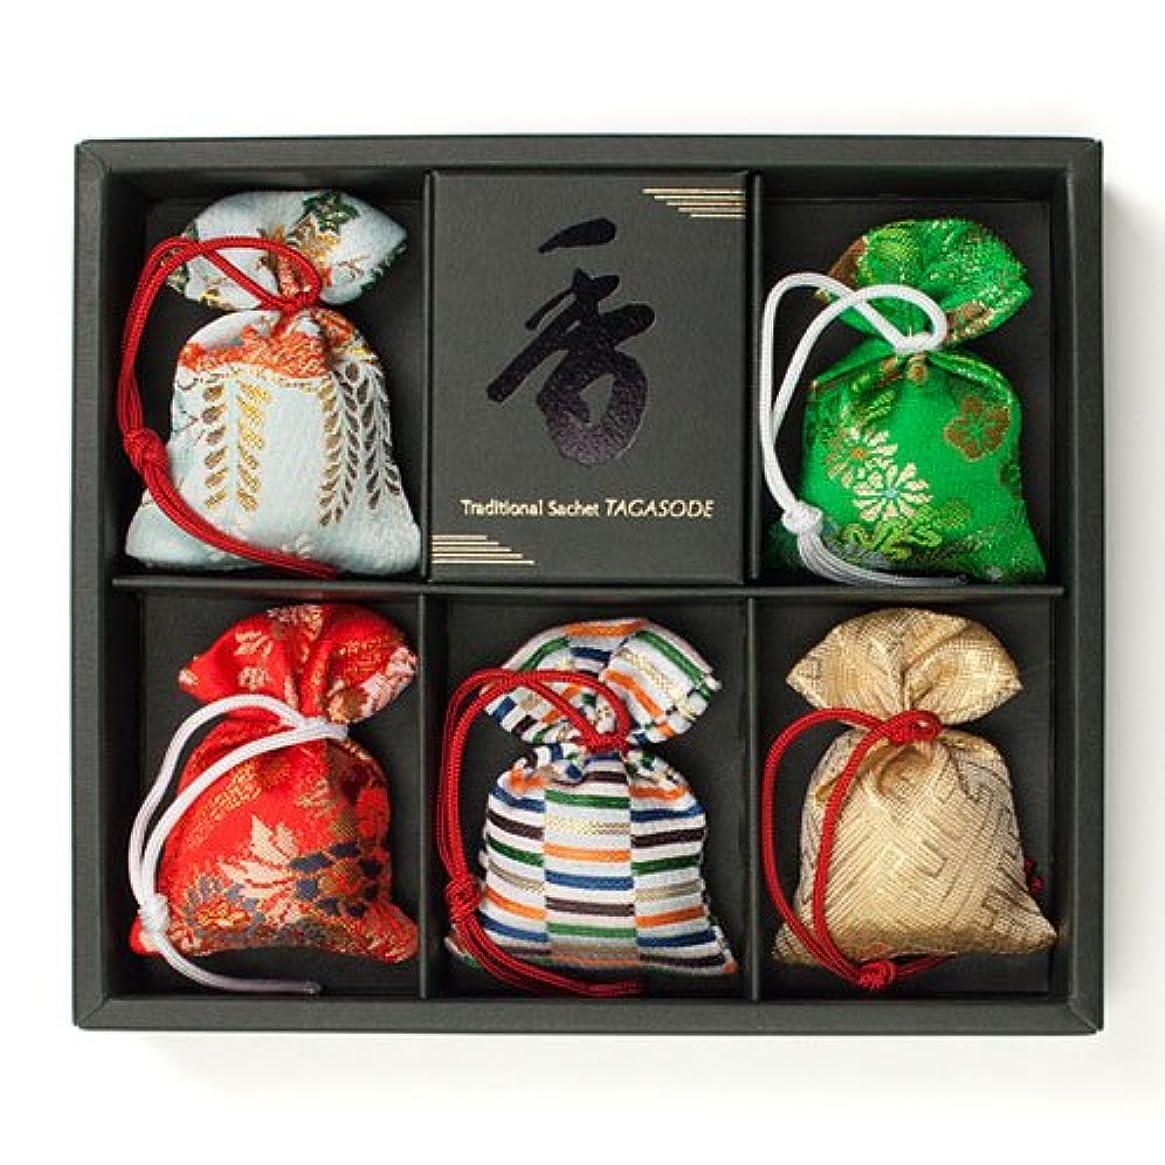 溶融化粧ガロン匂い袋 誰が袖 極品 5個入 松栄堂 Shoyeido 本体長さ60mm (色?柄は選べません)